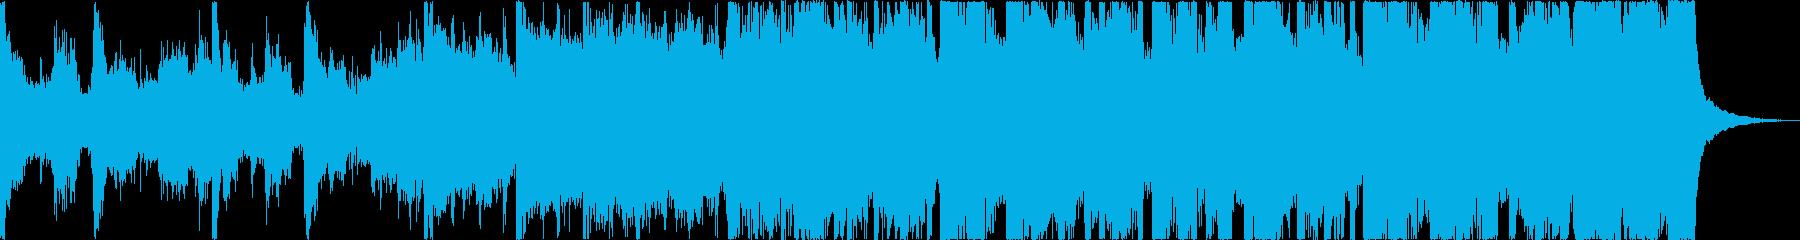 おしゃれレトロディスコシティポップdの再生済みの波形